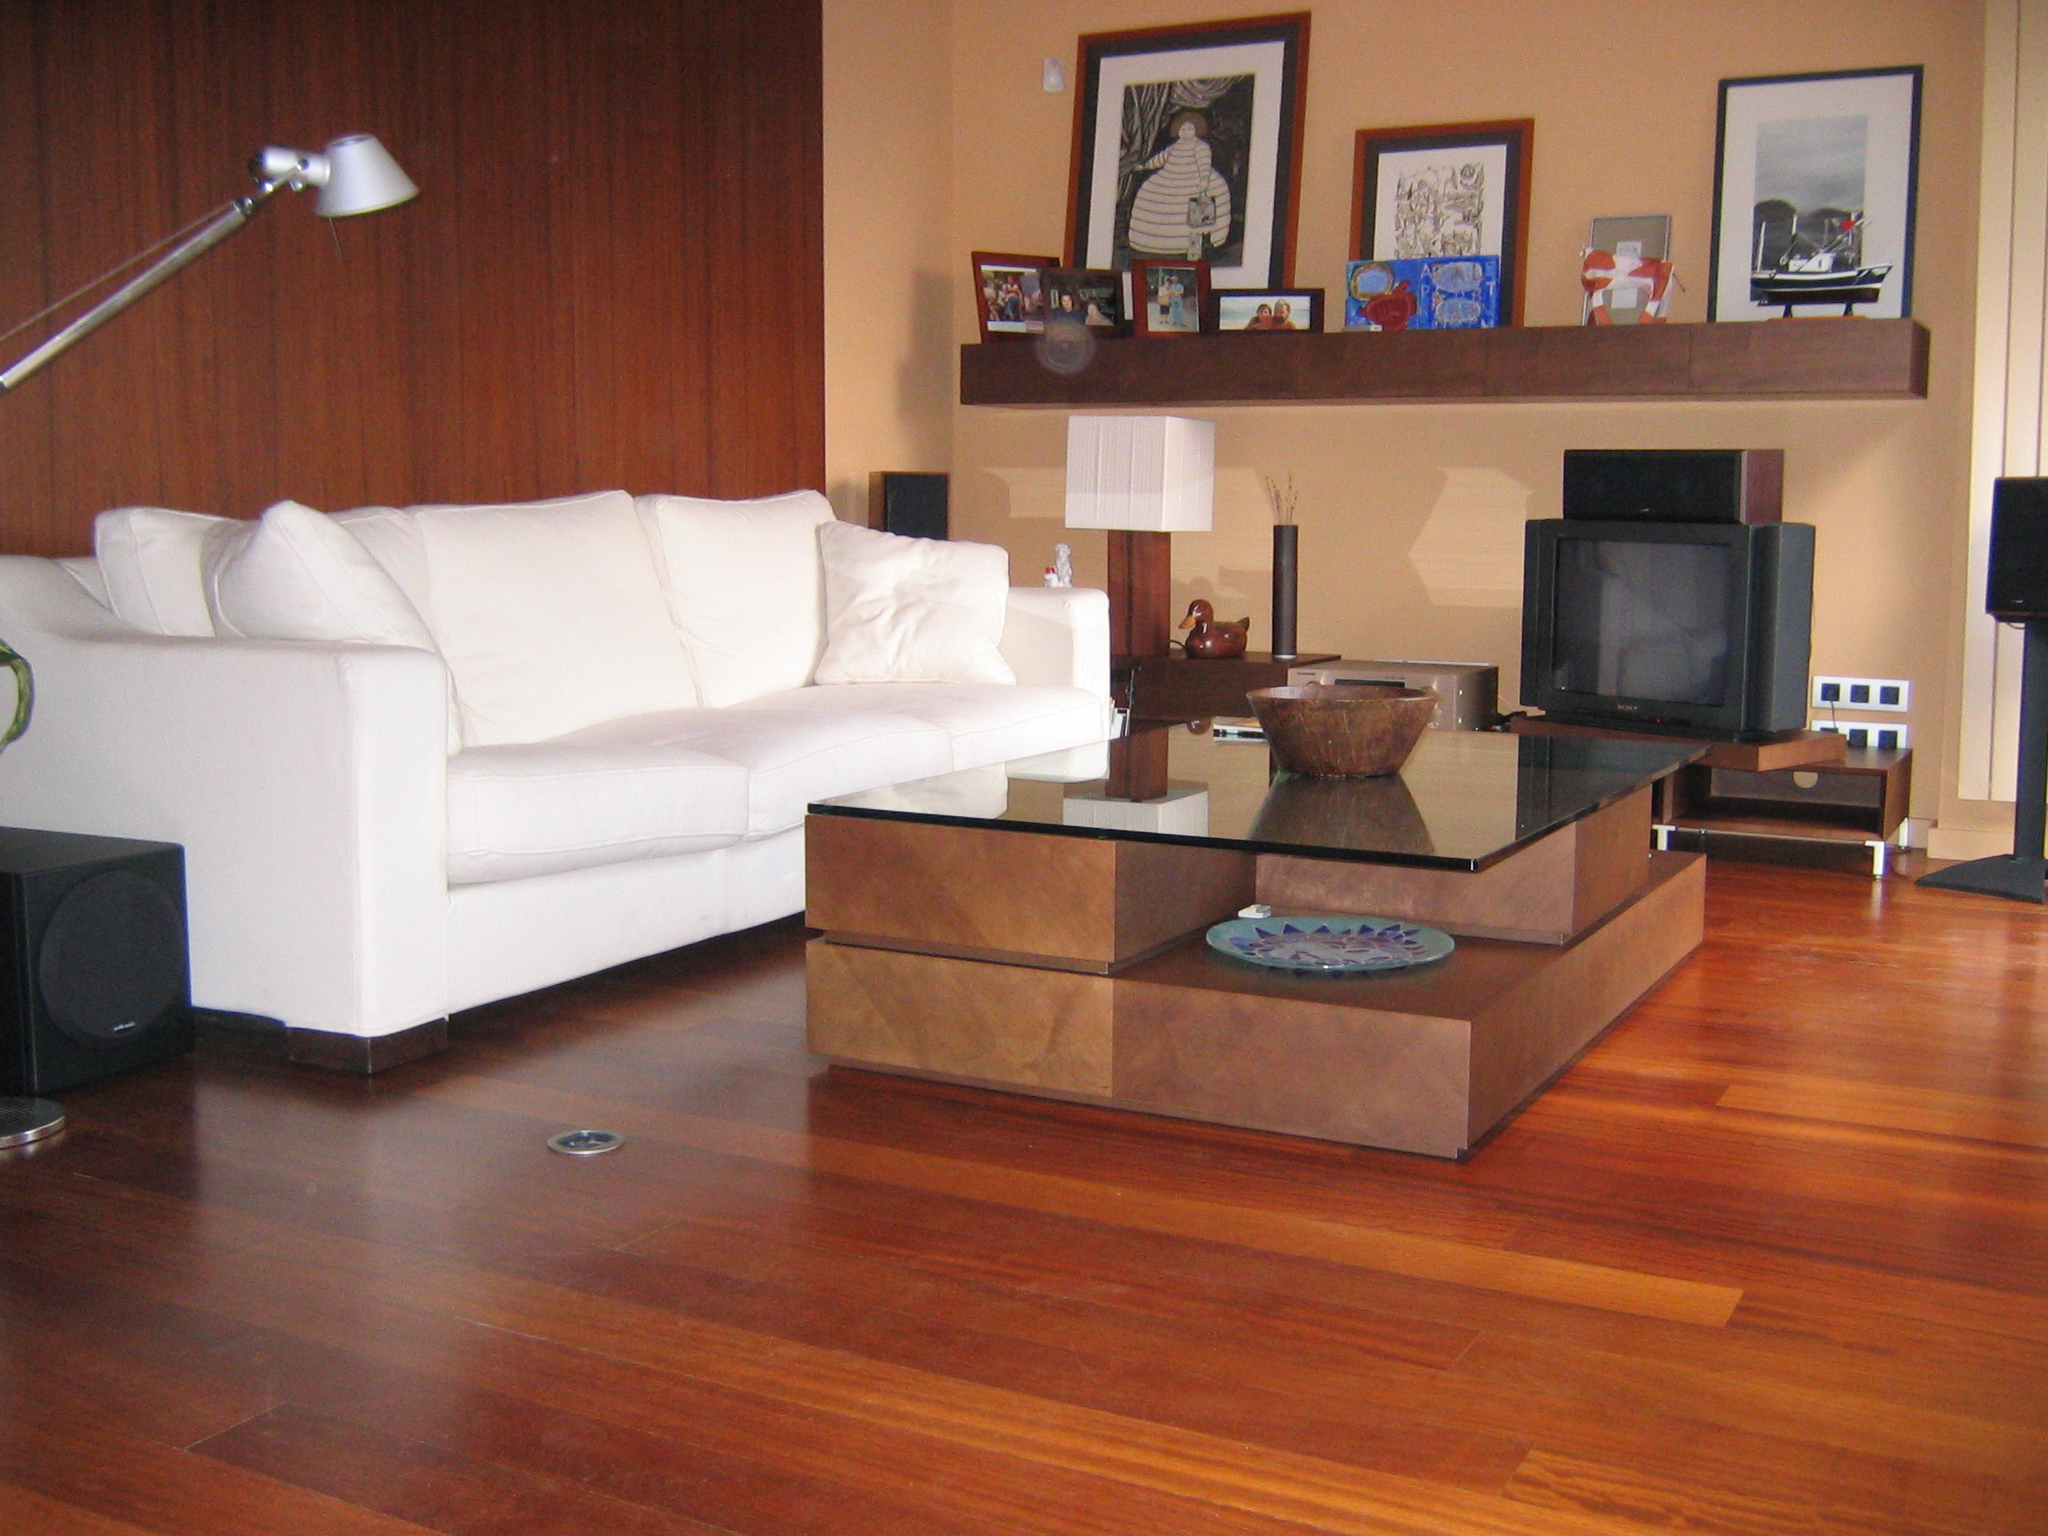 Wohnzimmer einrichten rot - Farbkonzept wohnzimmer ...